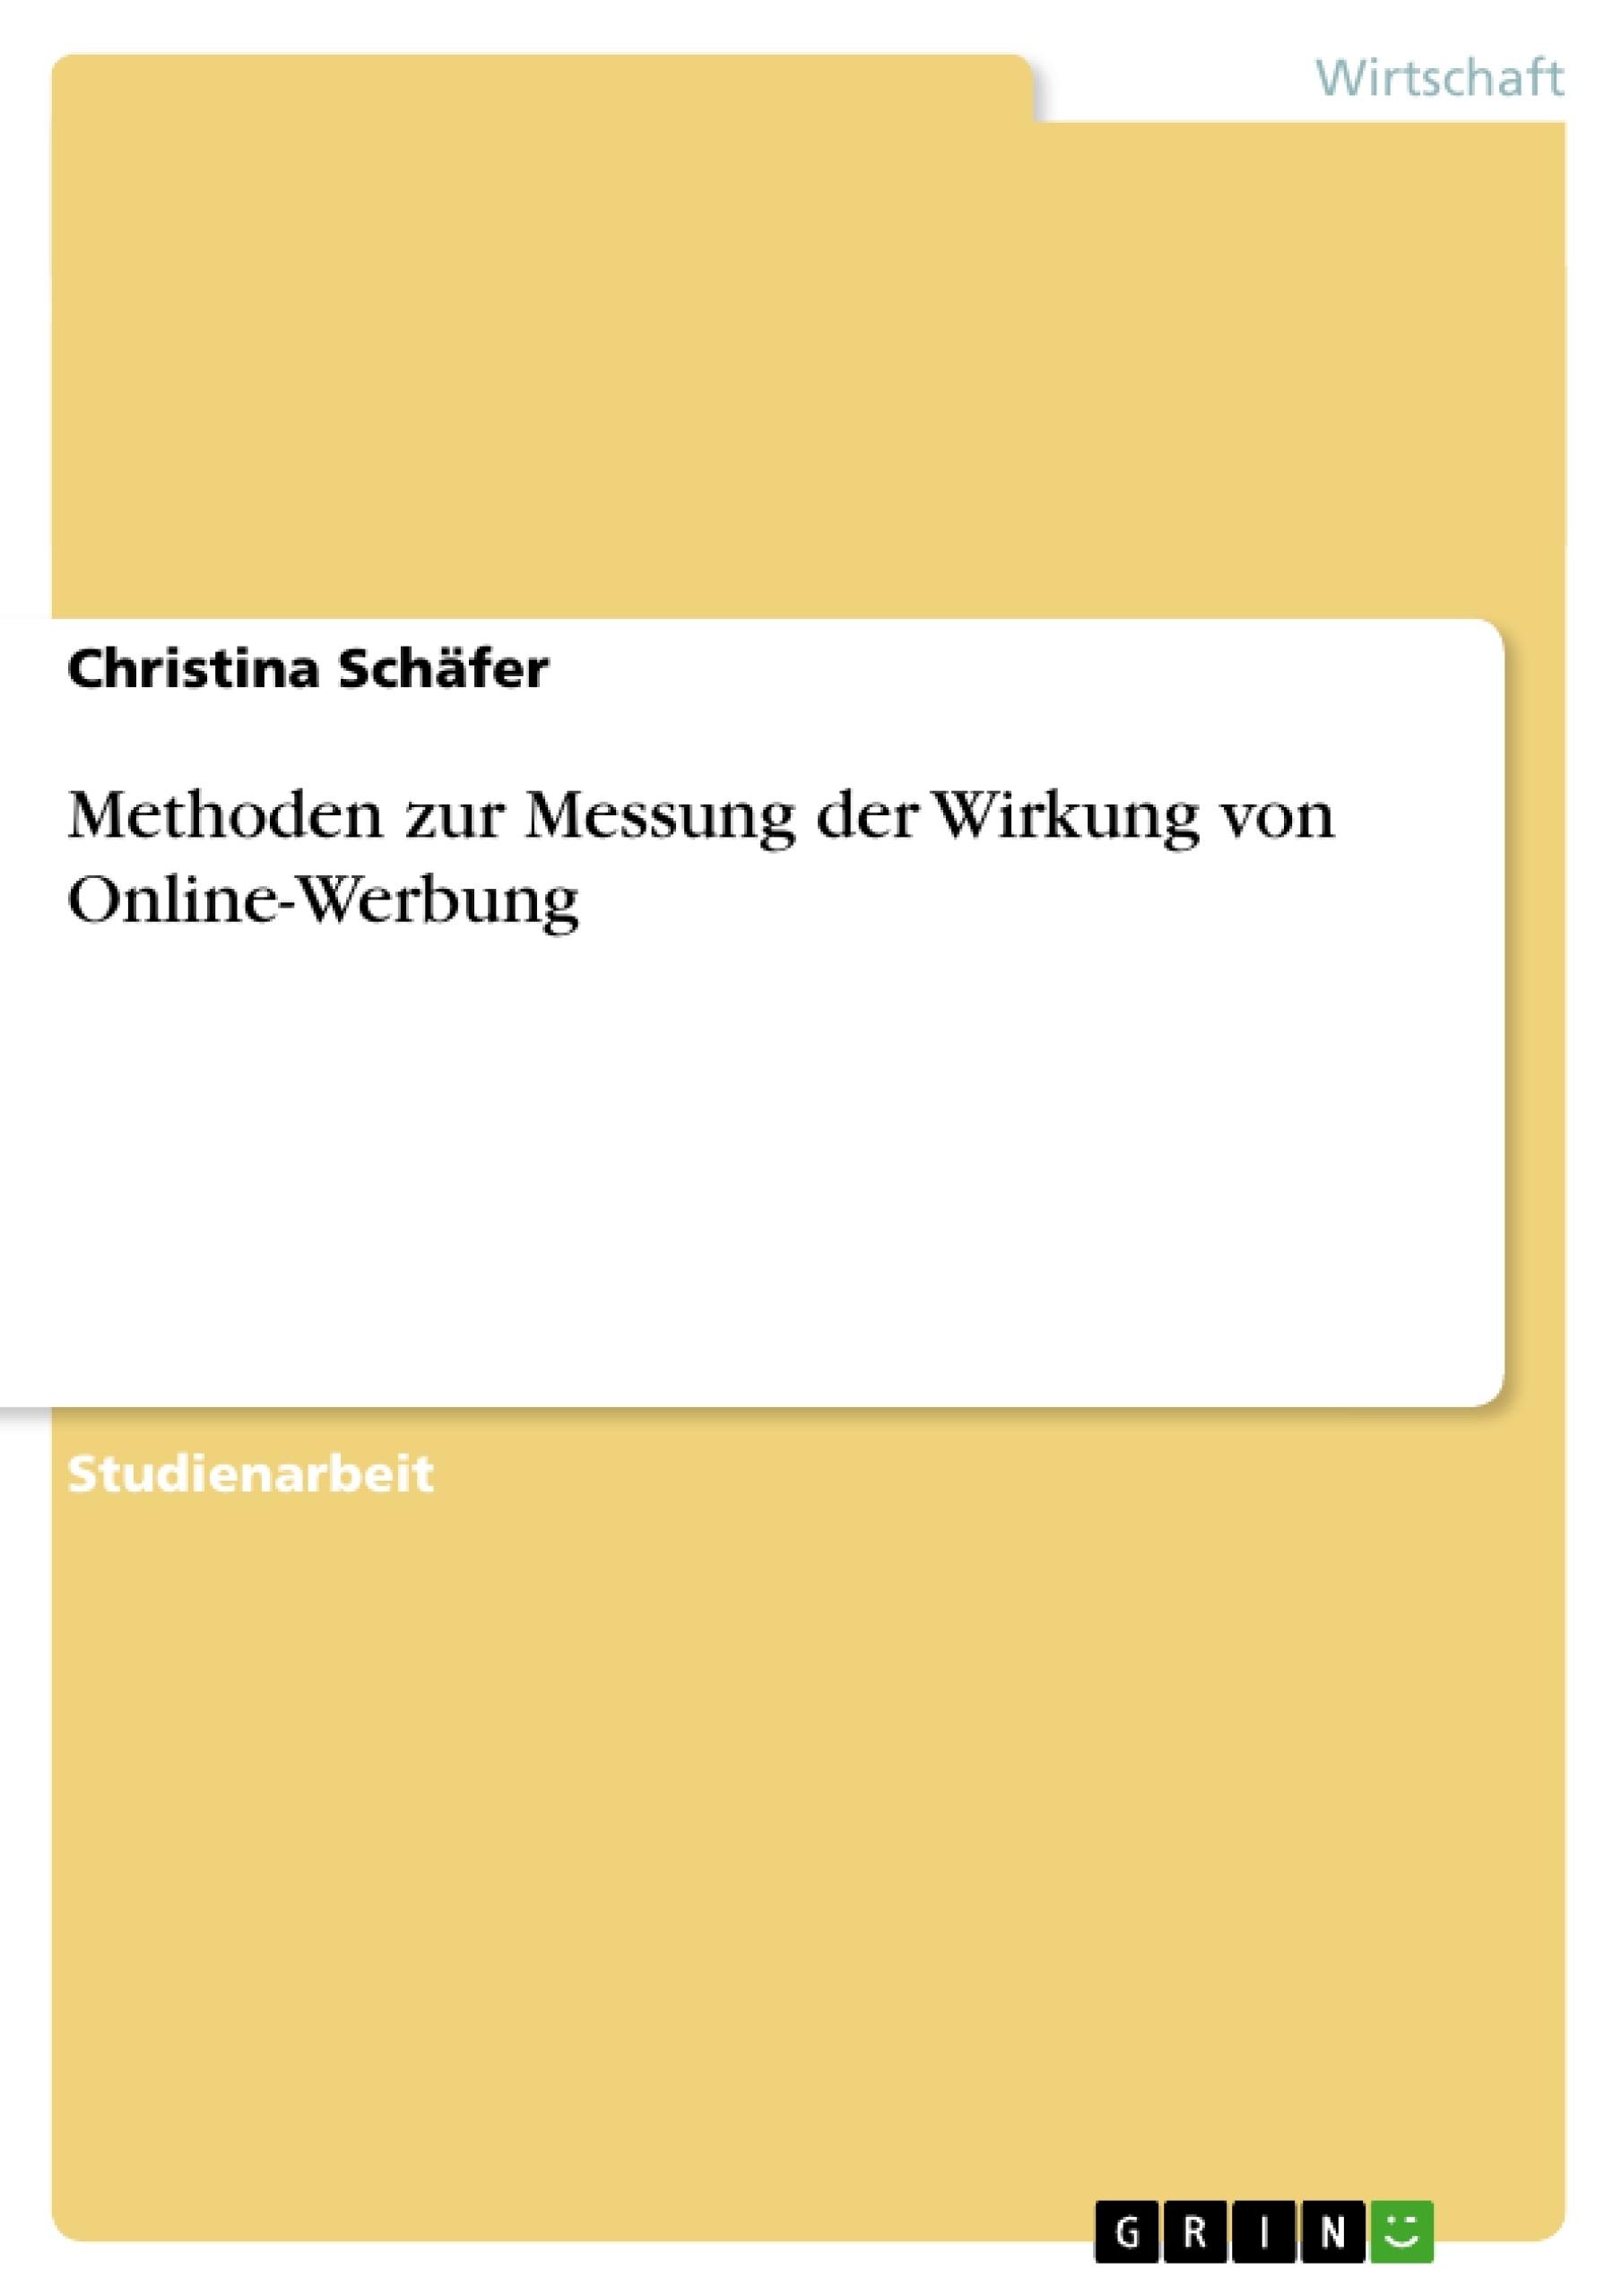 Titel: Methoden zur Messung der Wirkung von Online-Werbung